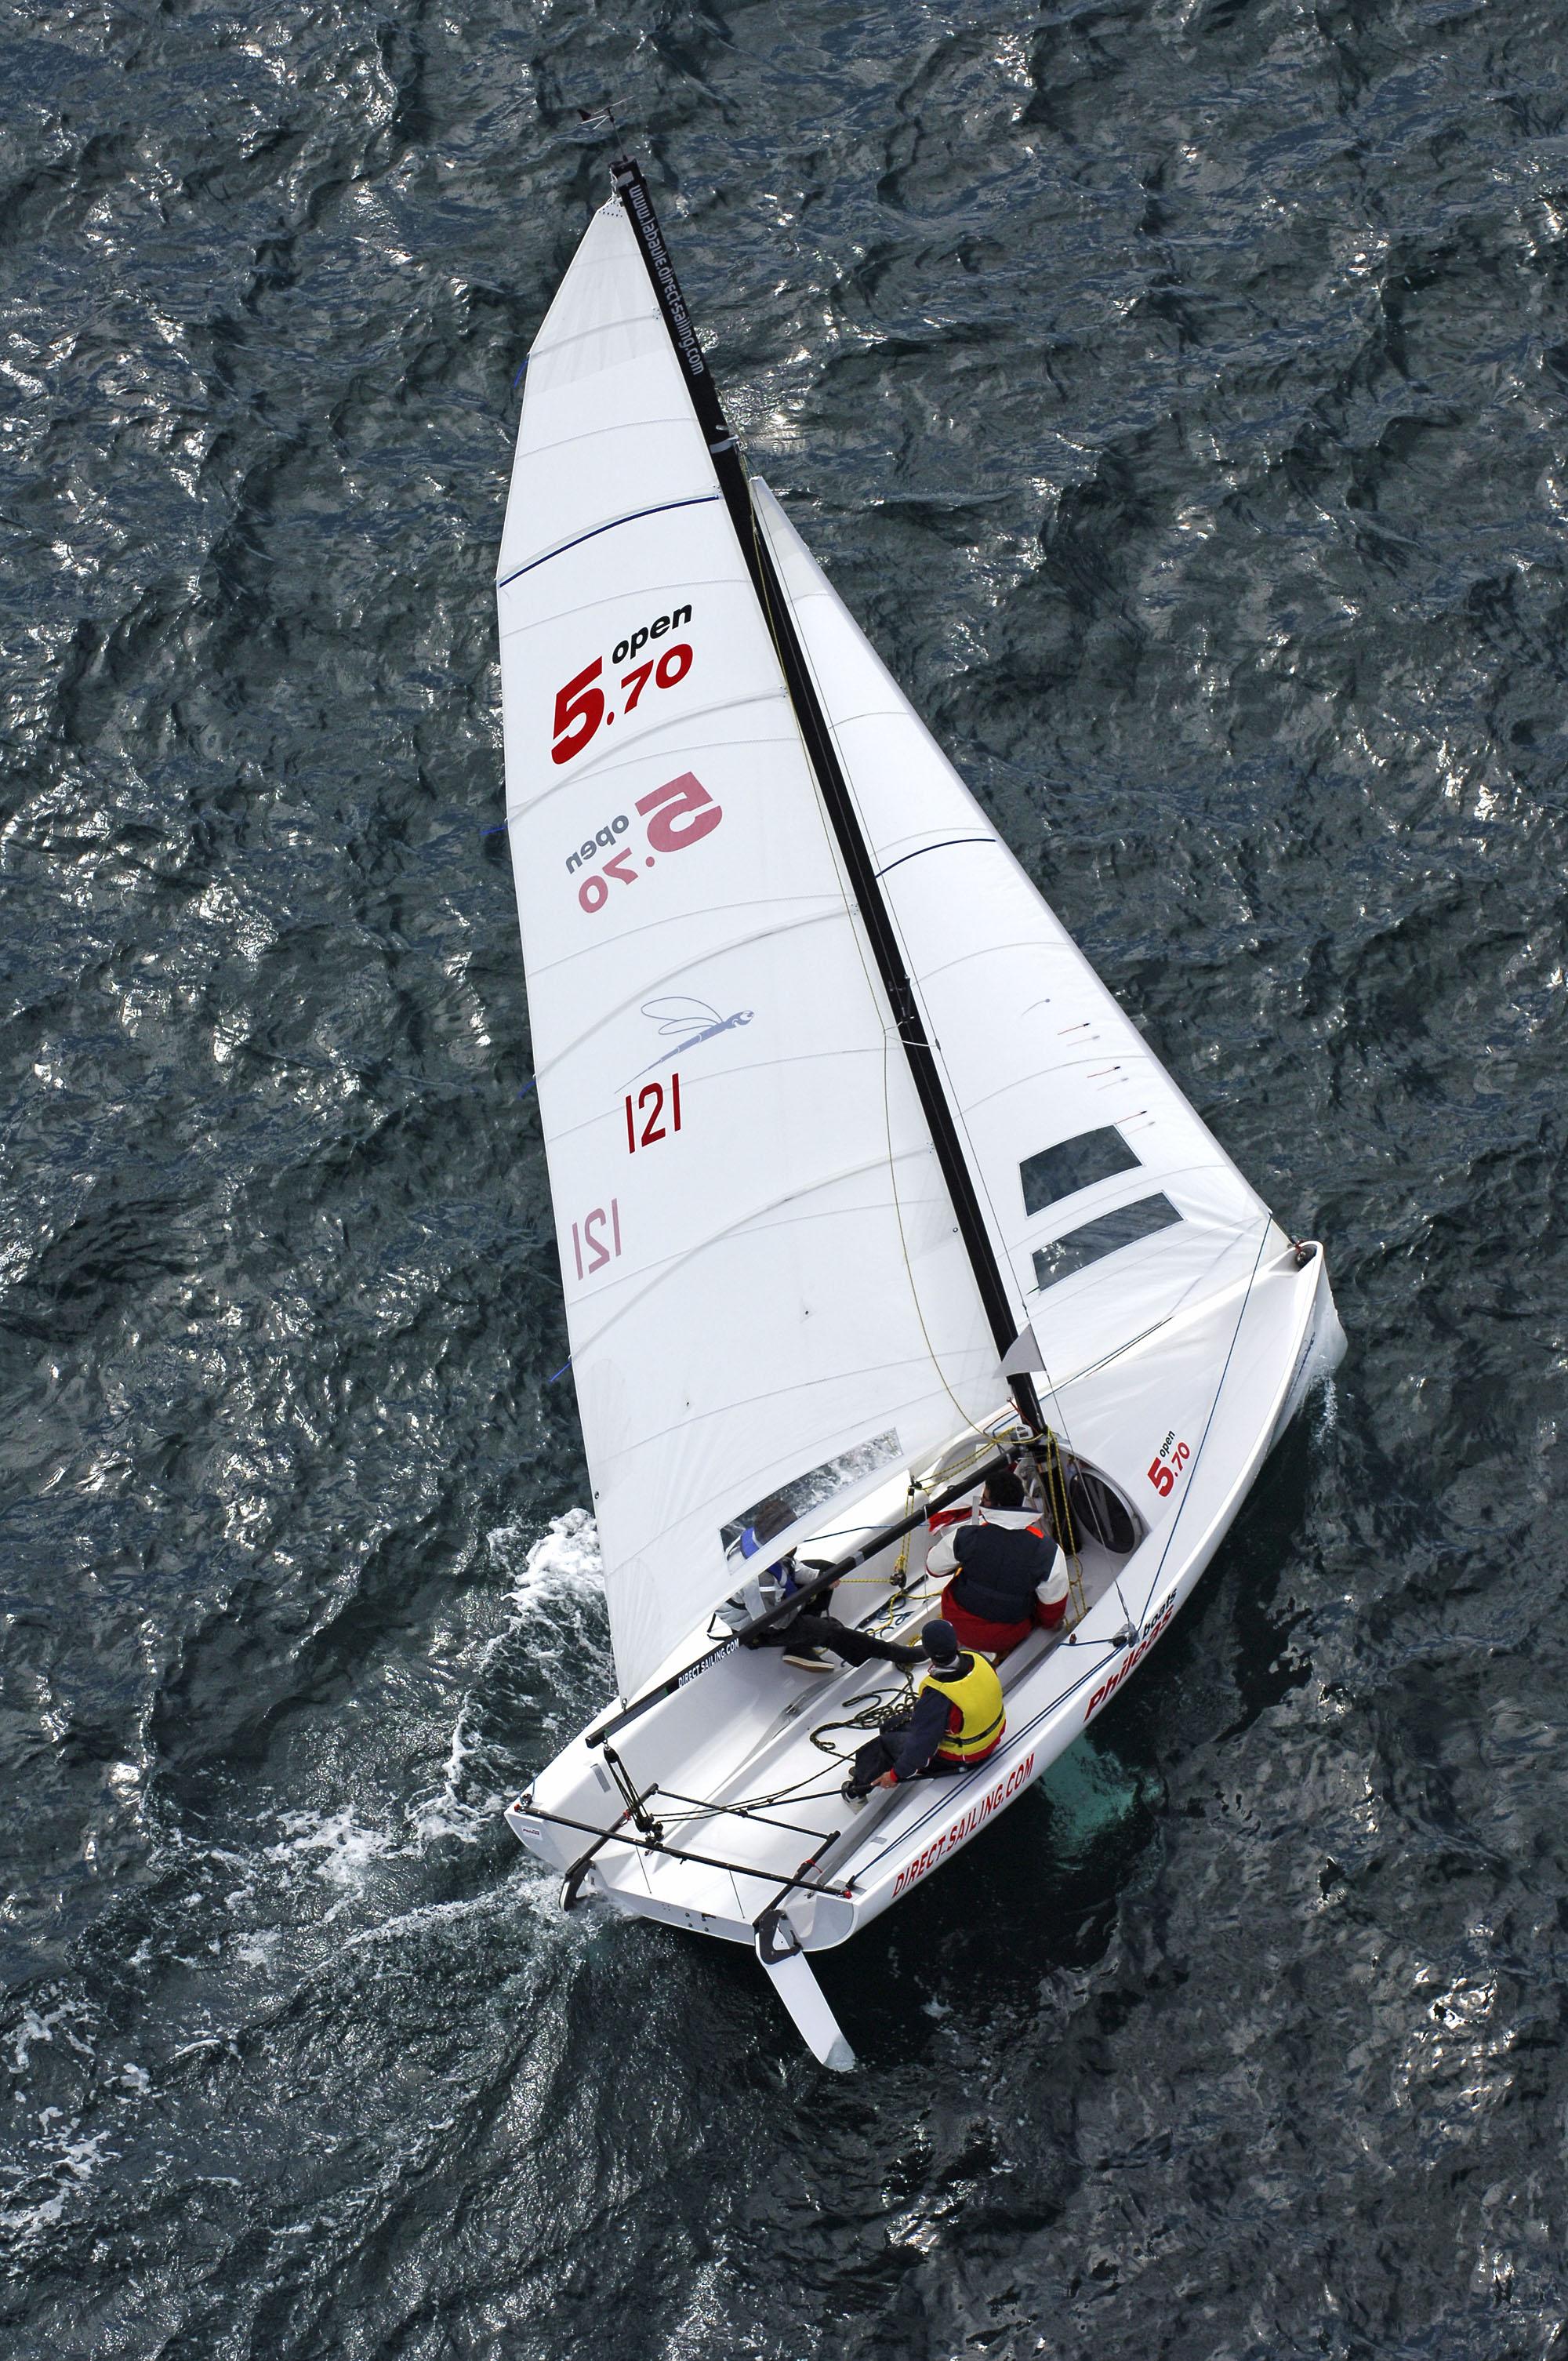 bateau 5.70